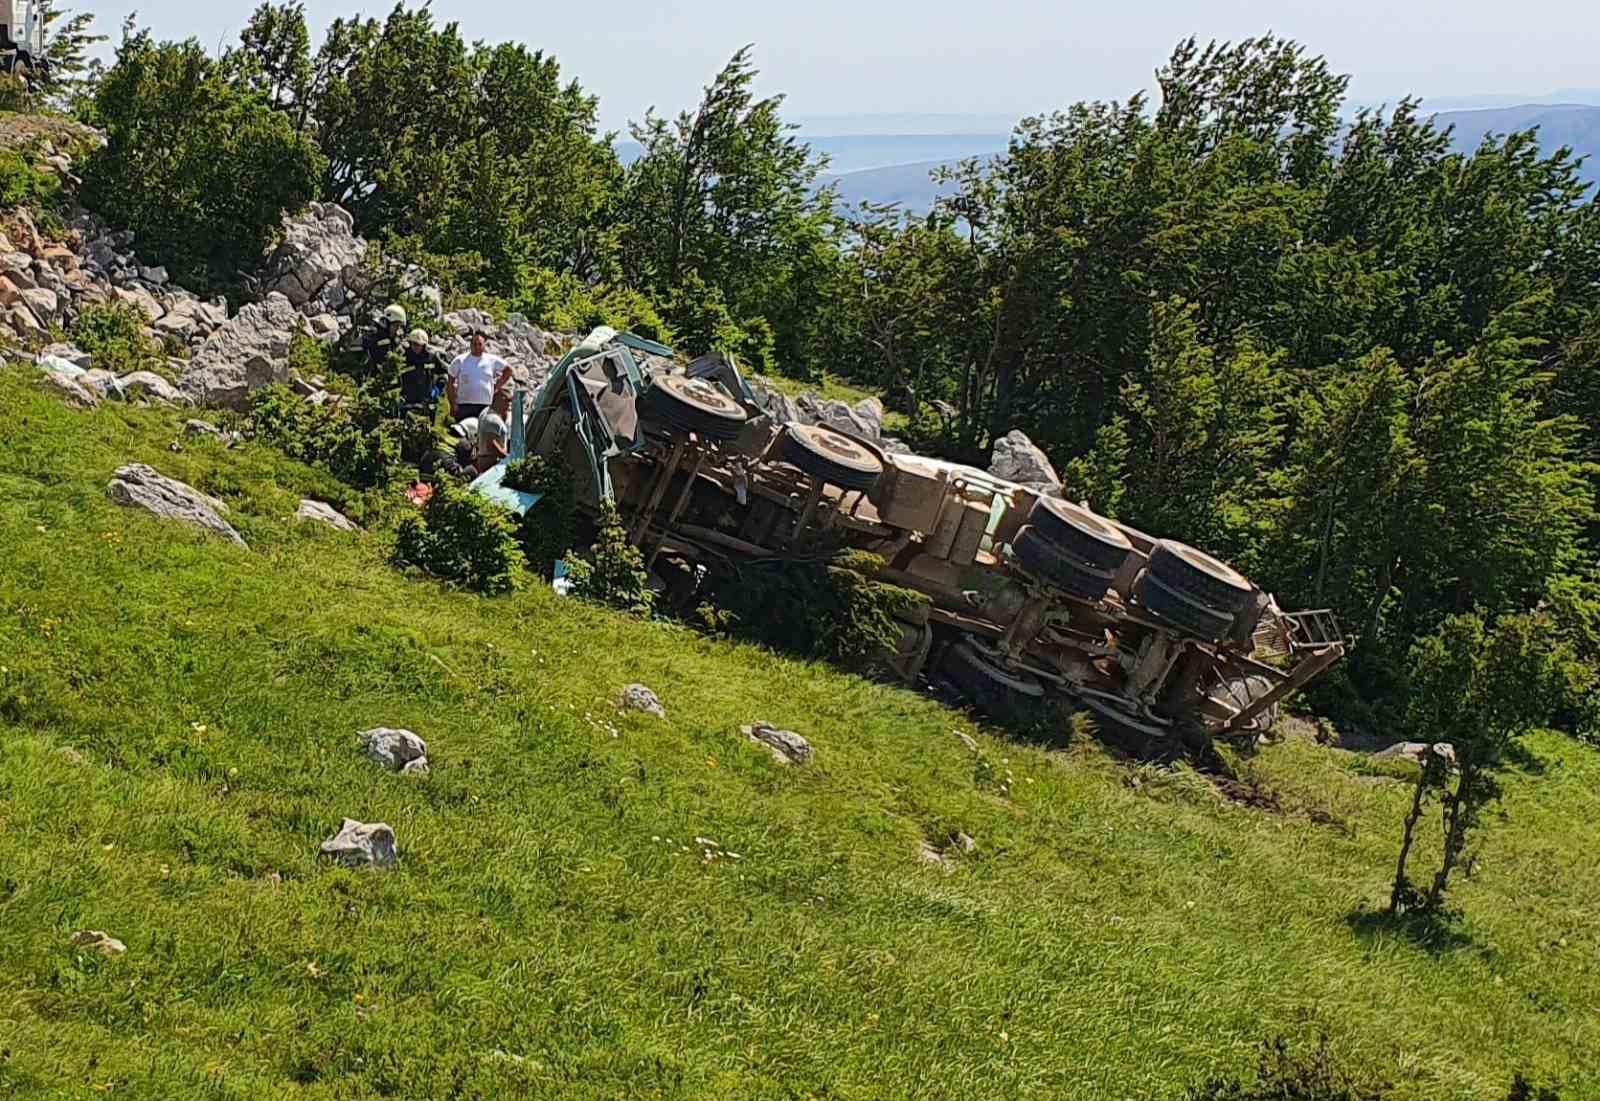 Nesreća kod N. Vinodolskog: Jedan ispao iz kamiona, drugi je ostao zarobljen u vozilu